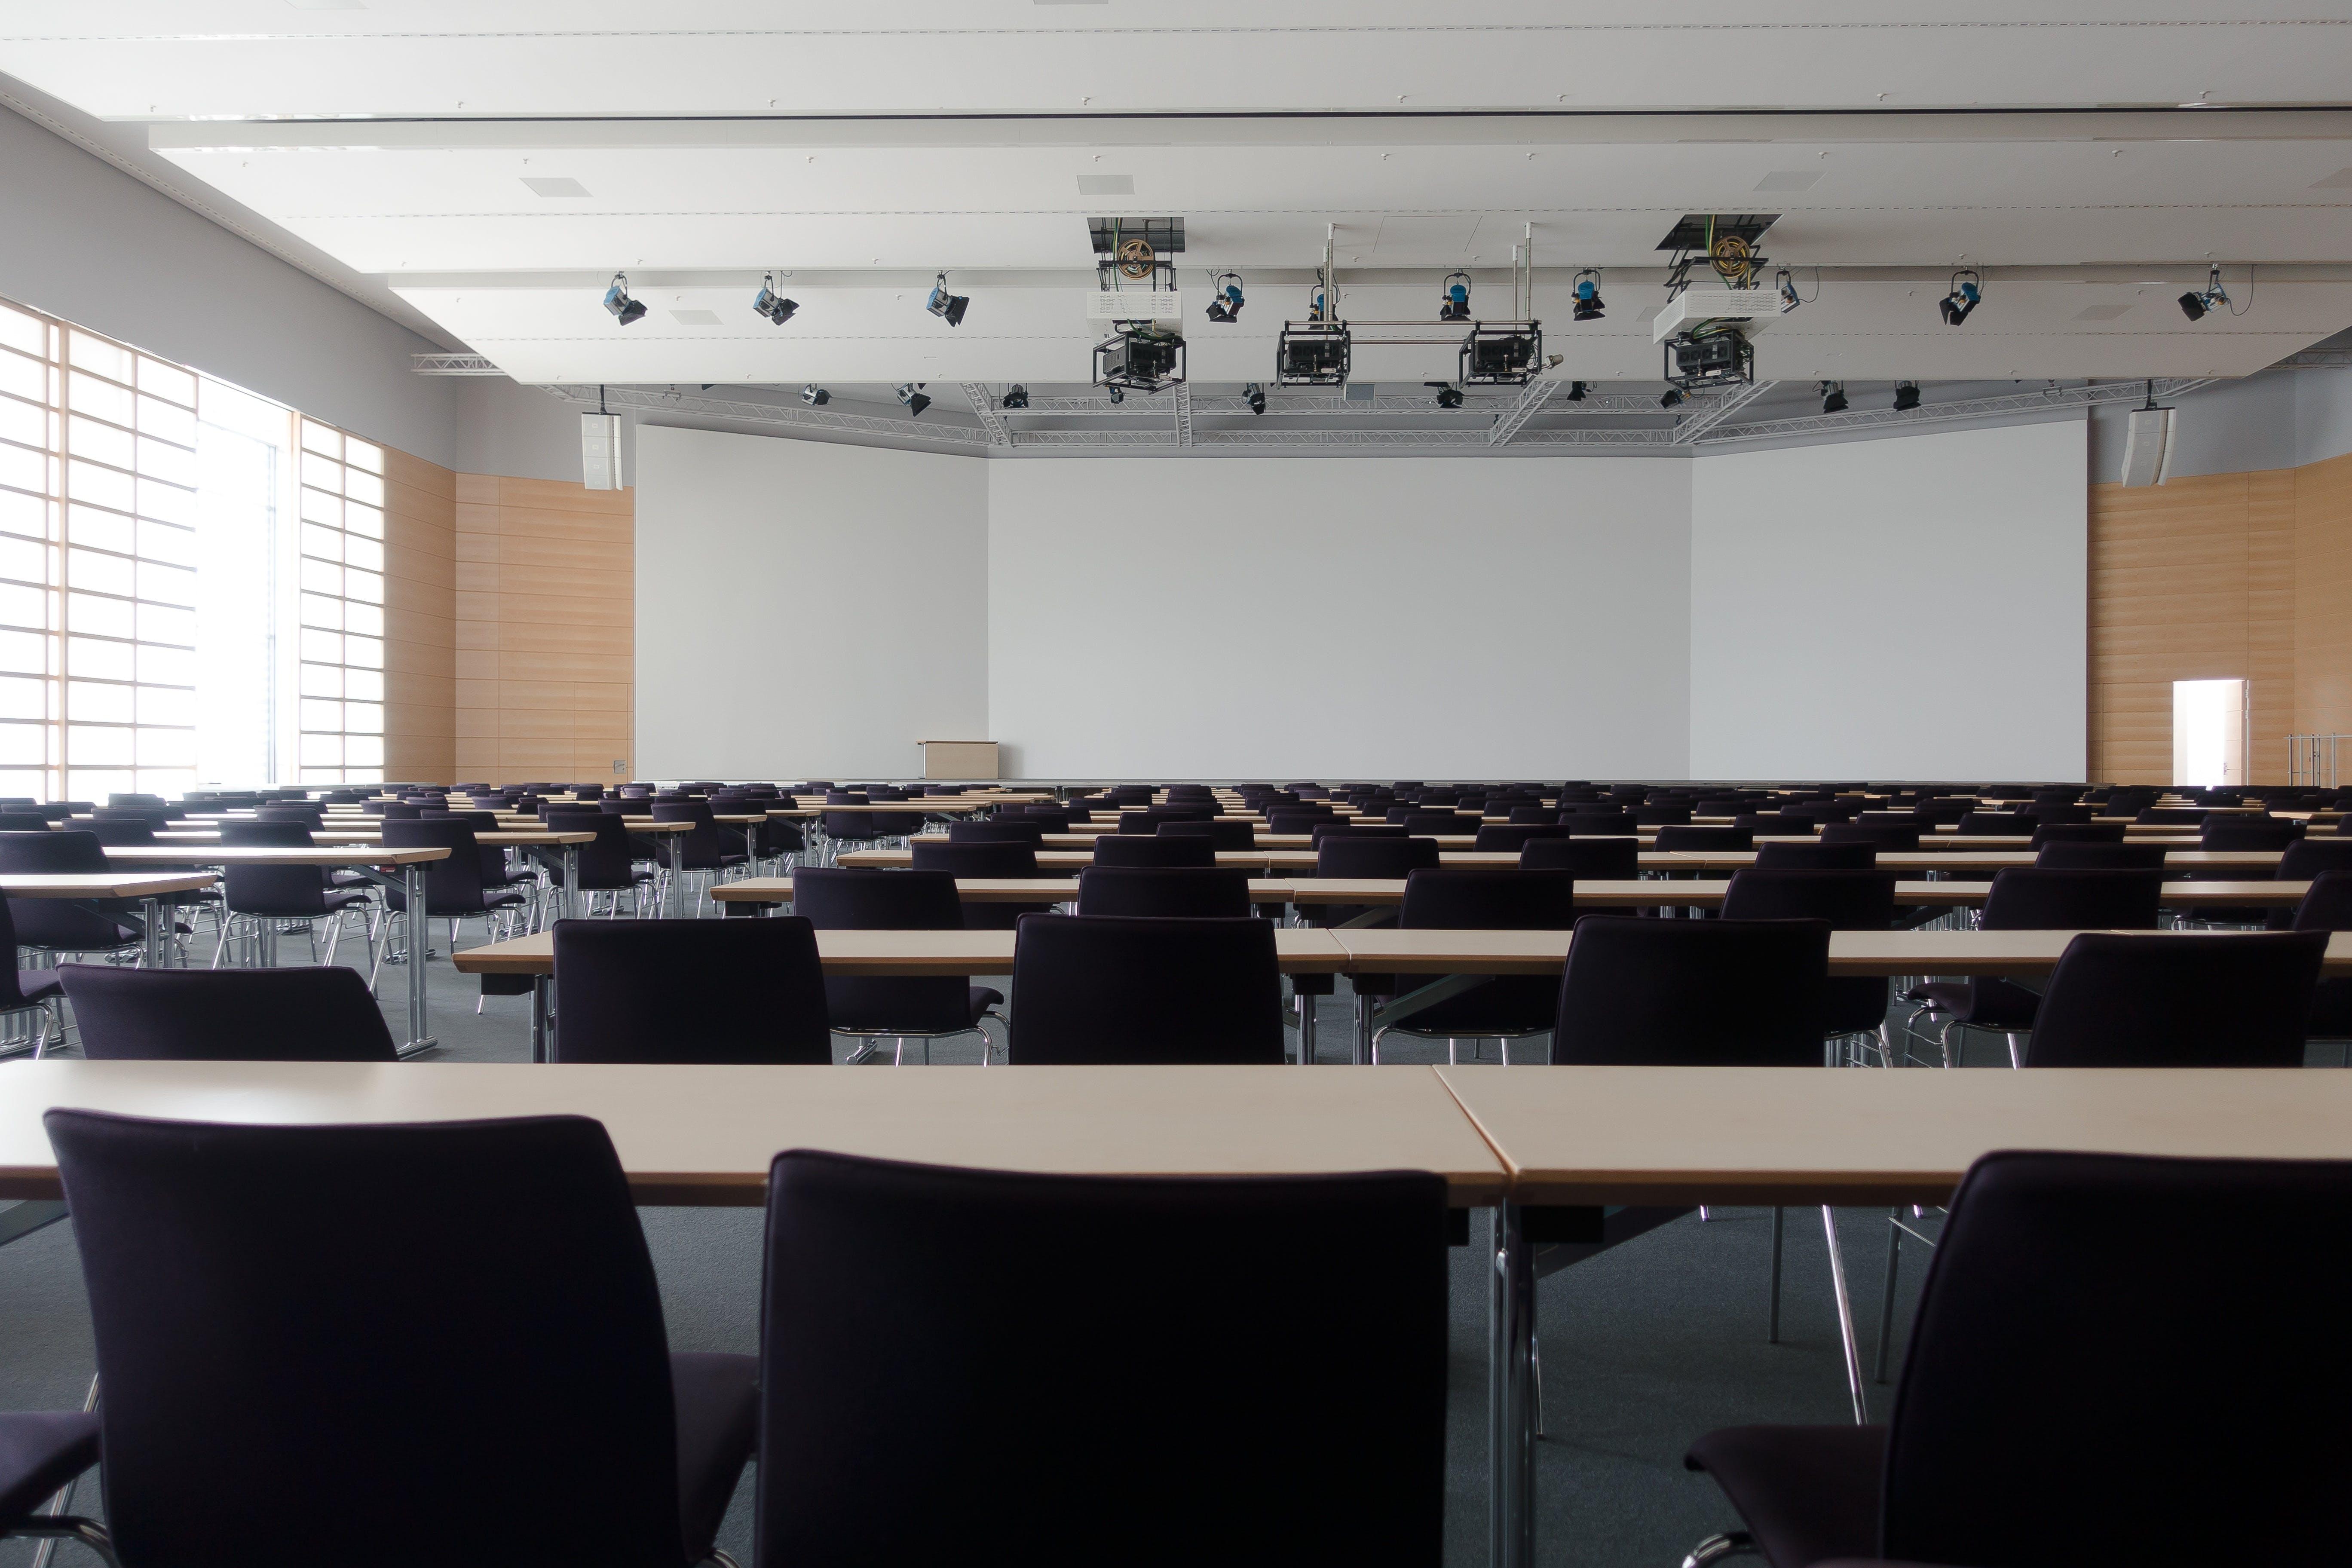 architektur, auditorium, ausbildung